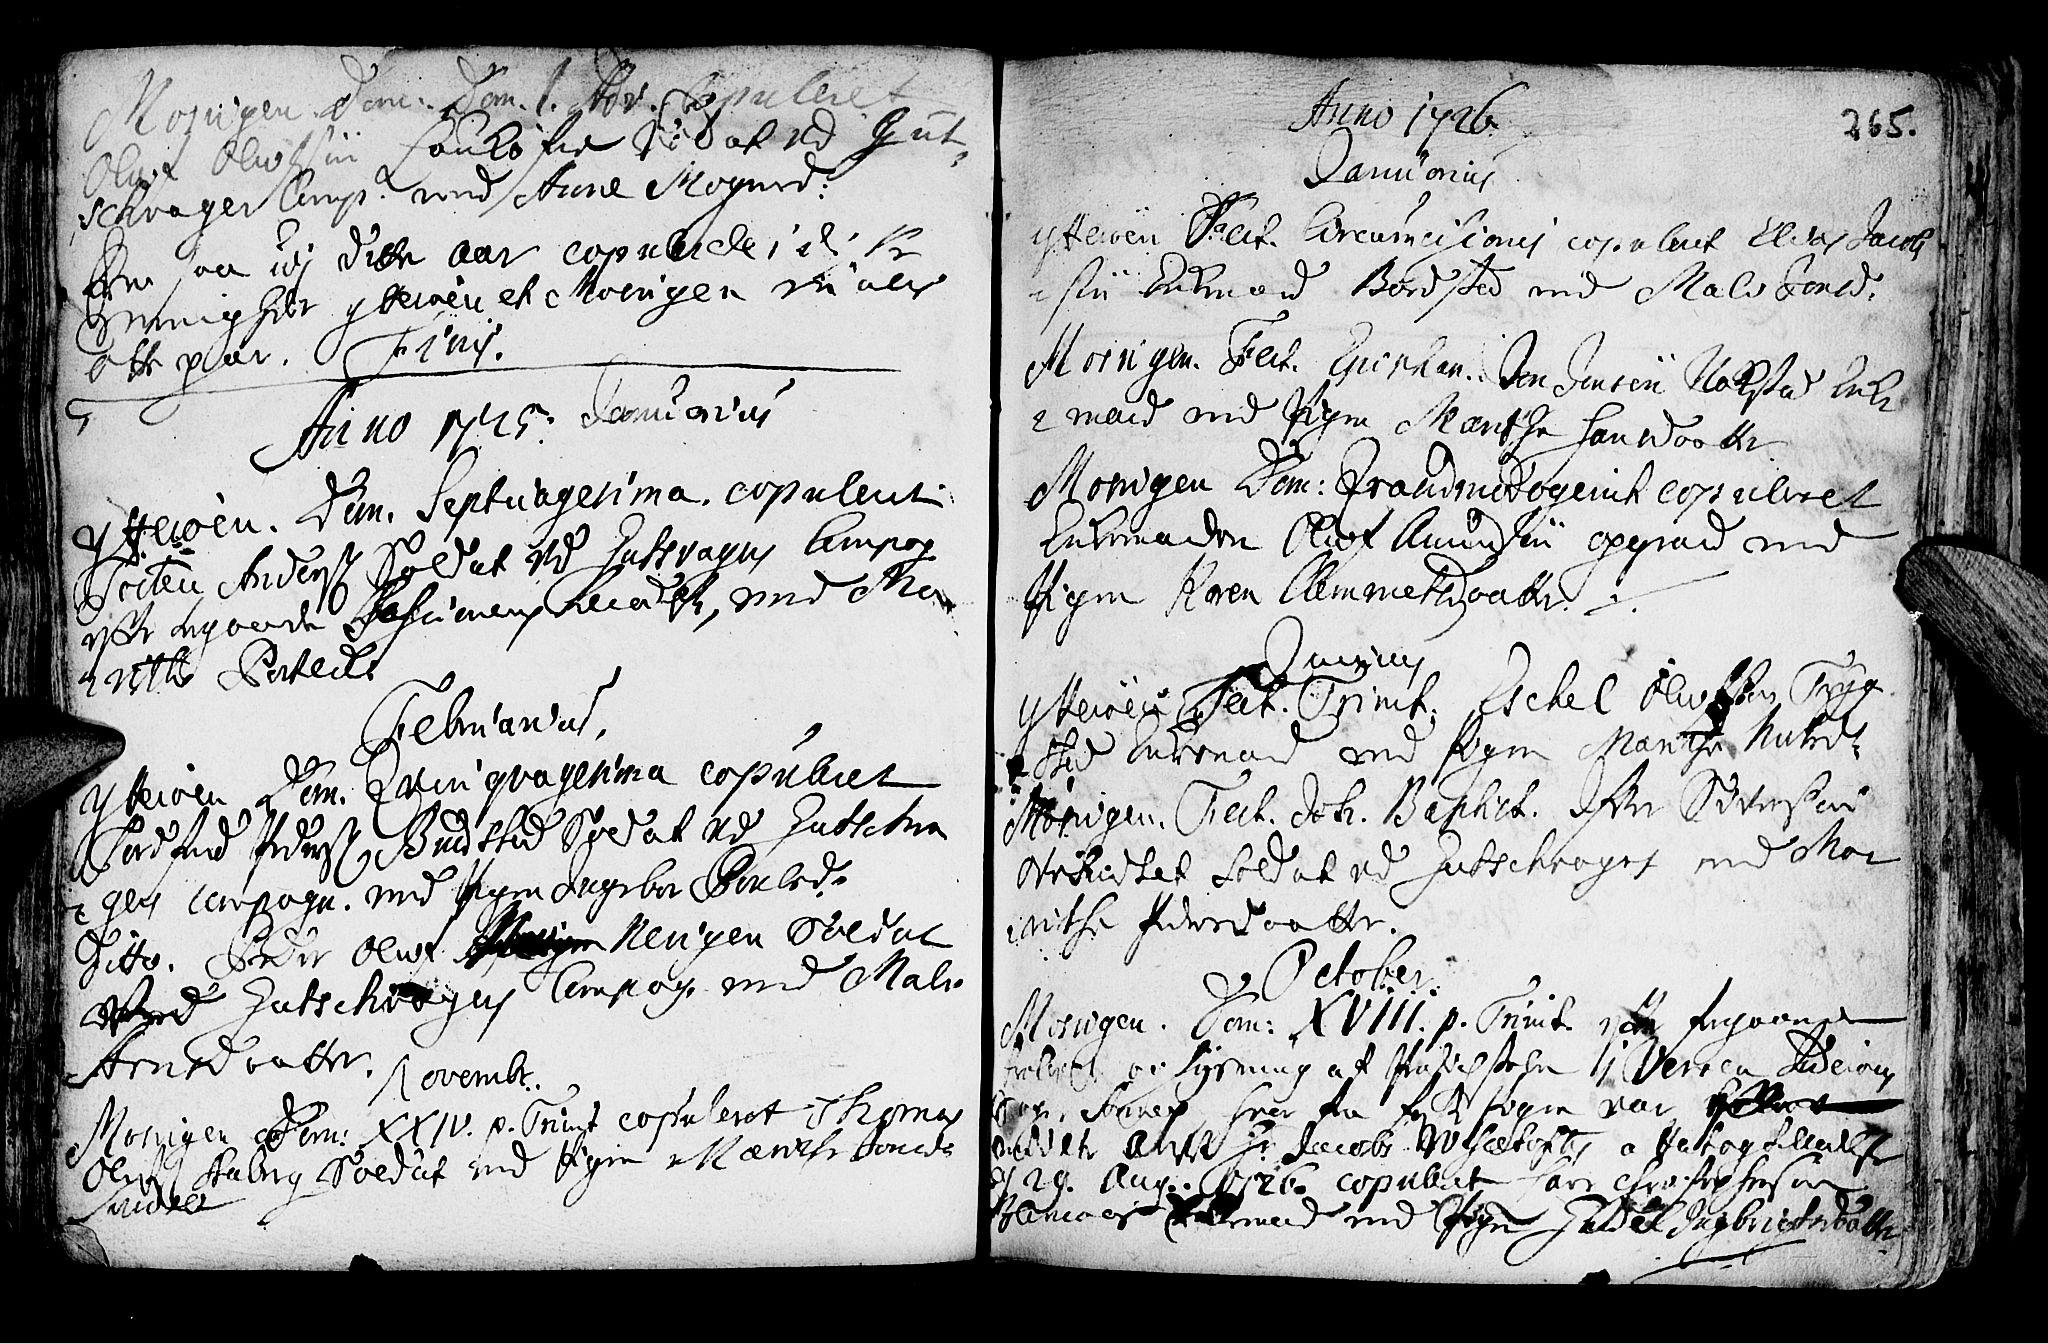 SAT, Ministerialprotokoller, klokkerbøker og fødselsregistre - Nord-Trøndelag, 722/L0215: Ministerialbok nr. 722A02, 1718-1755, s. 265